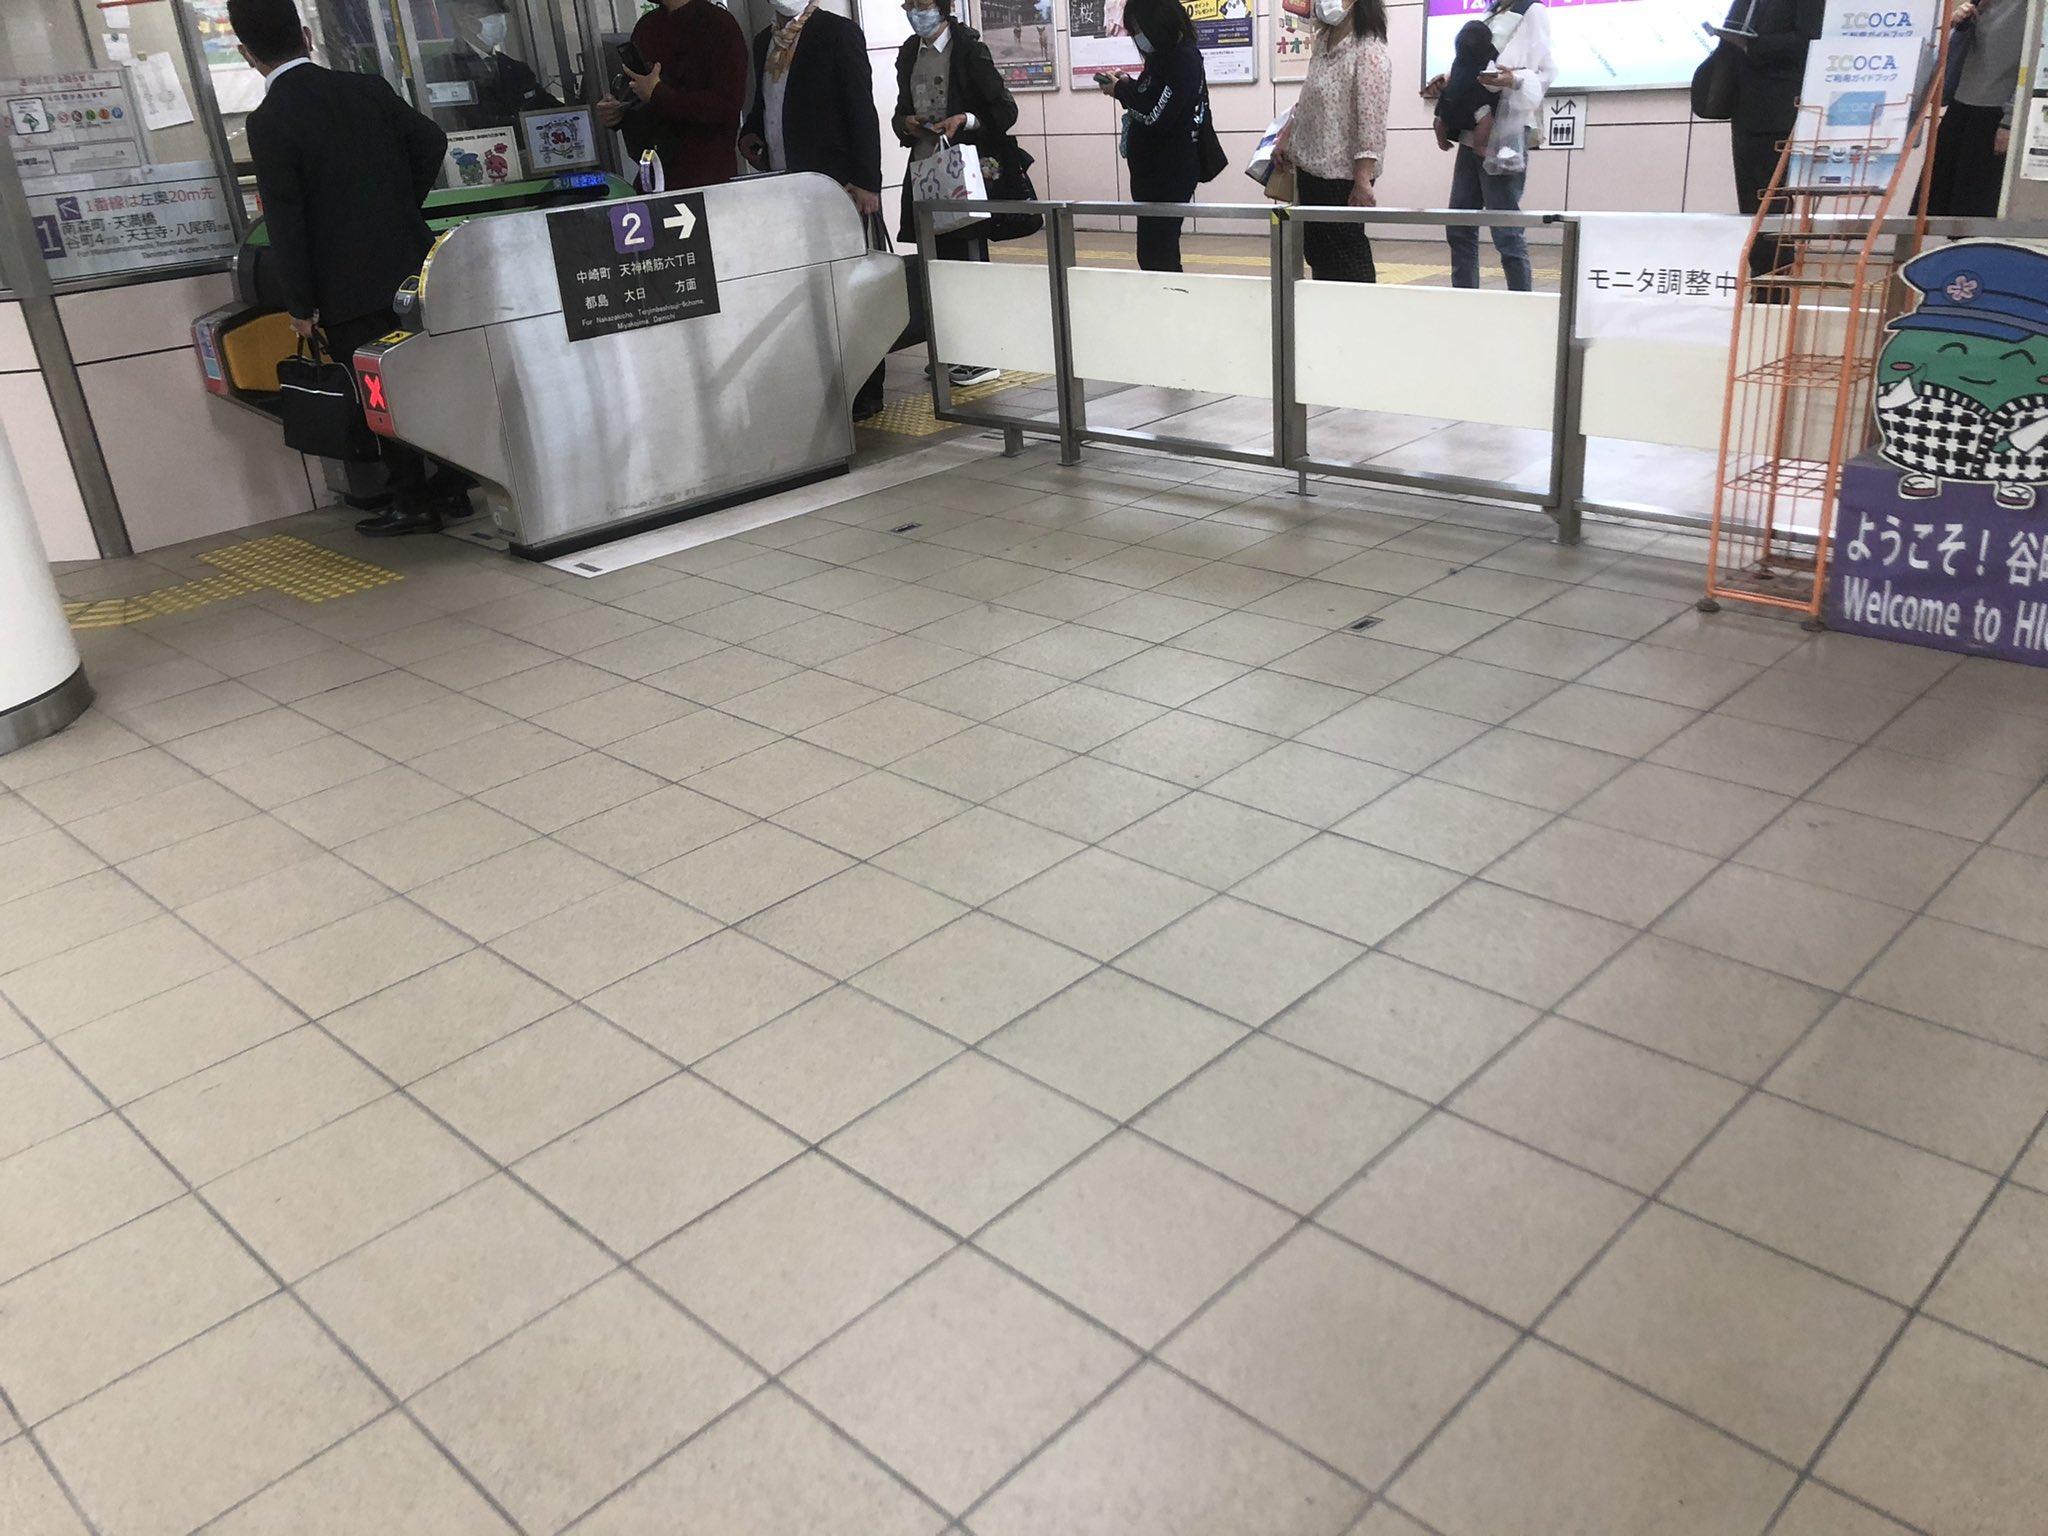 出戸駅の人身事故の画像